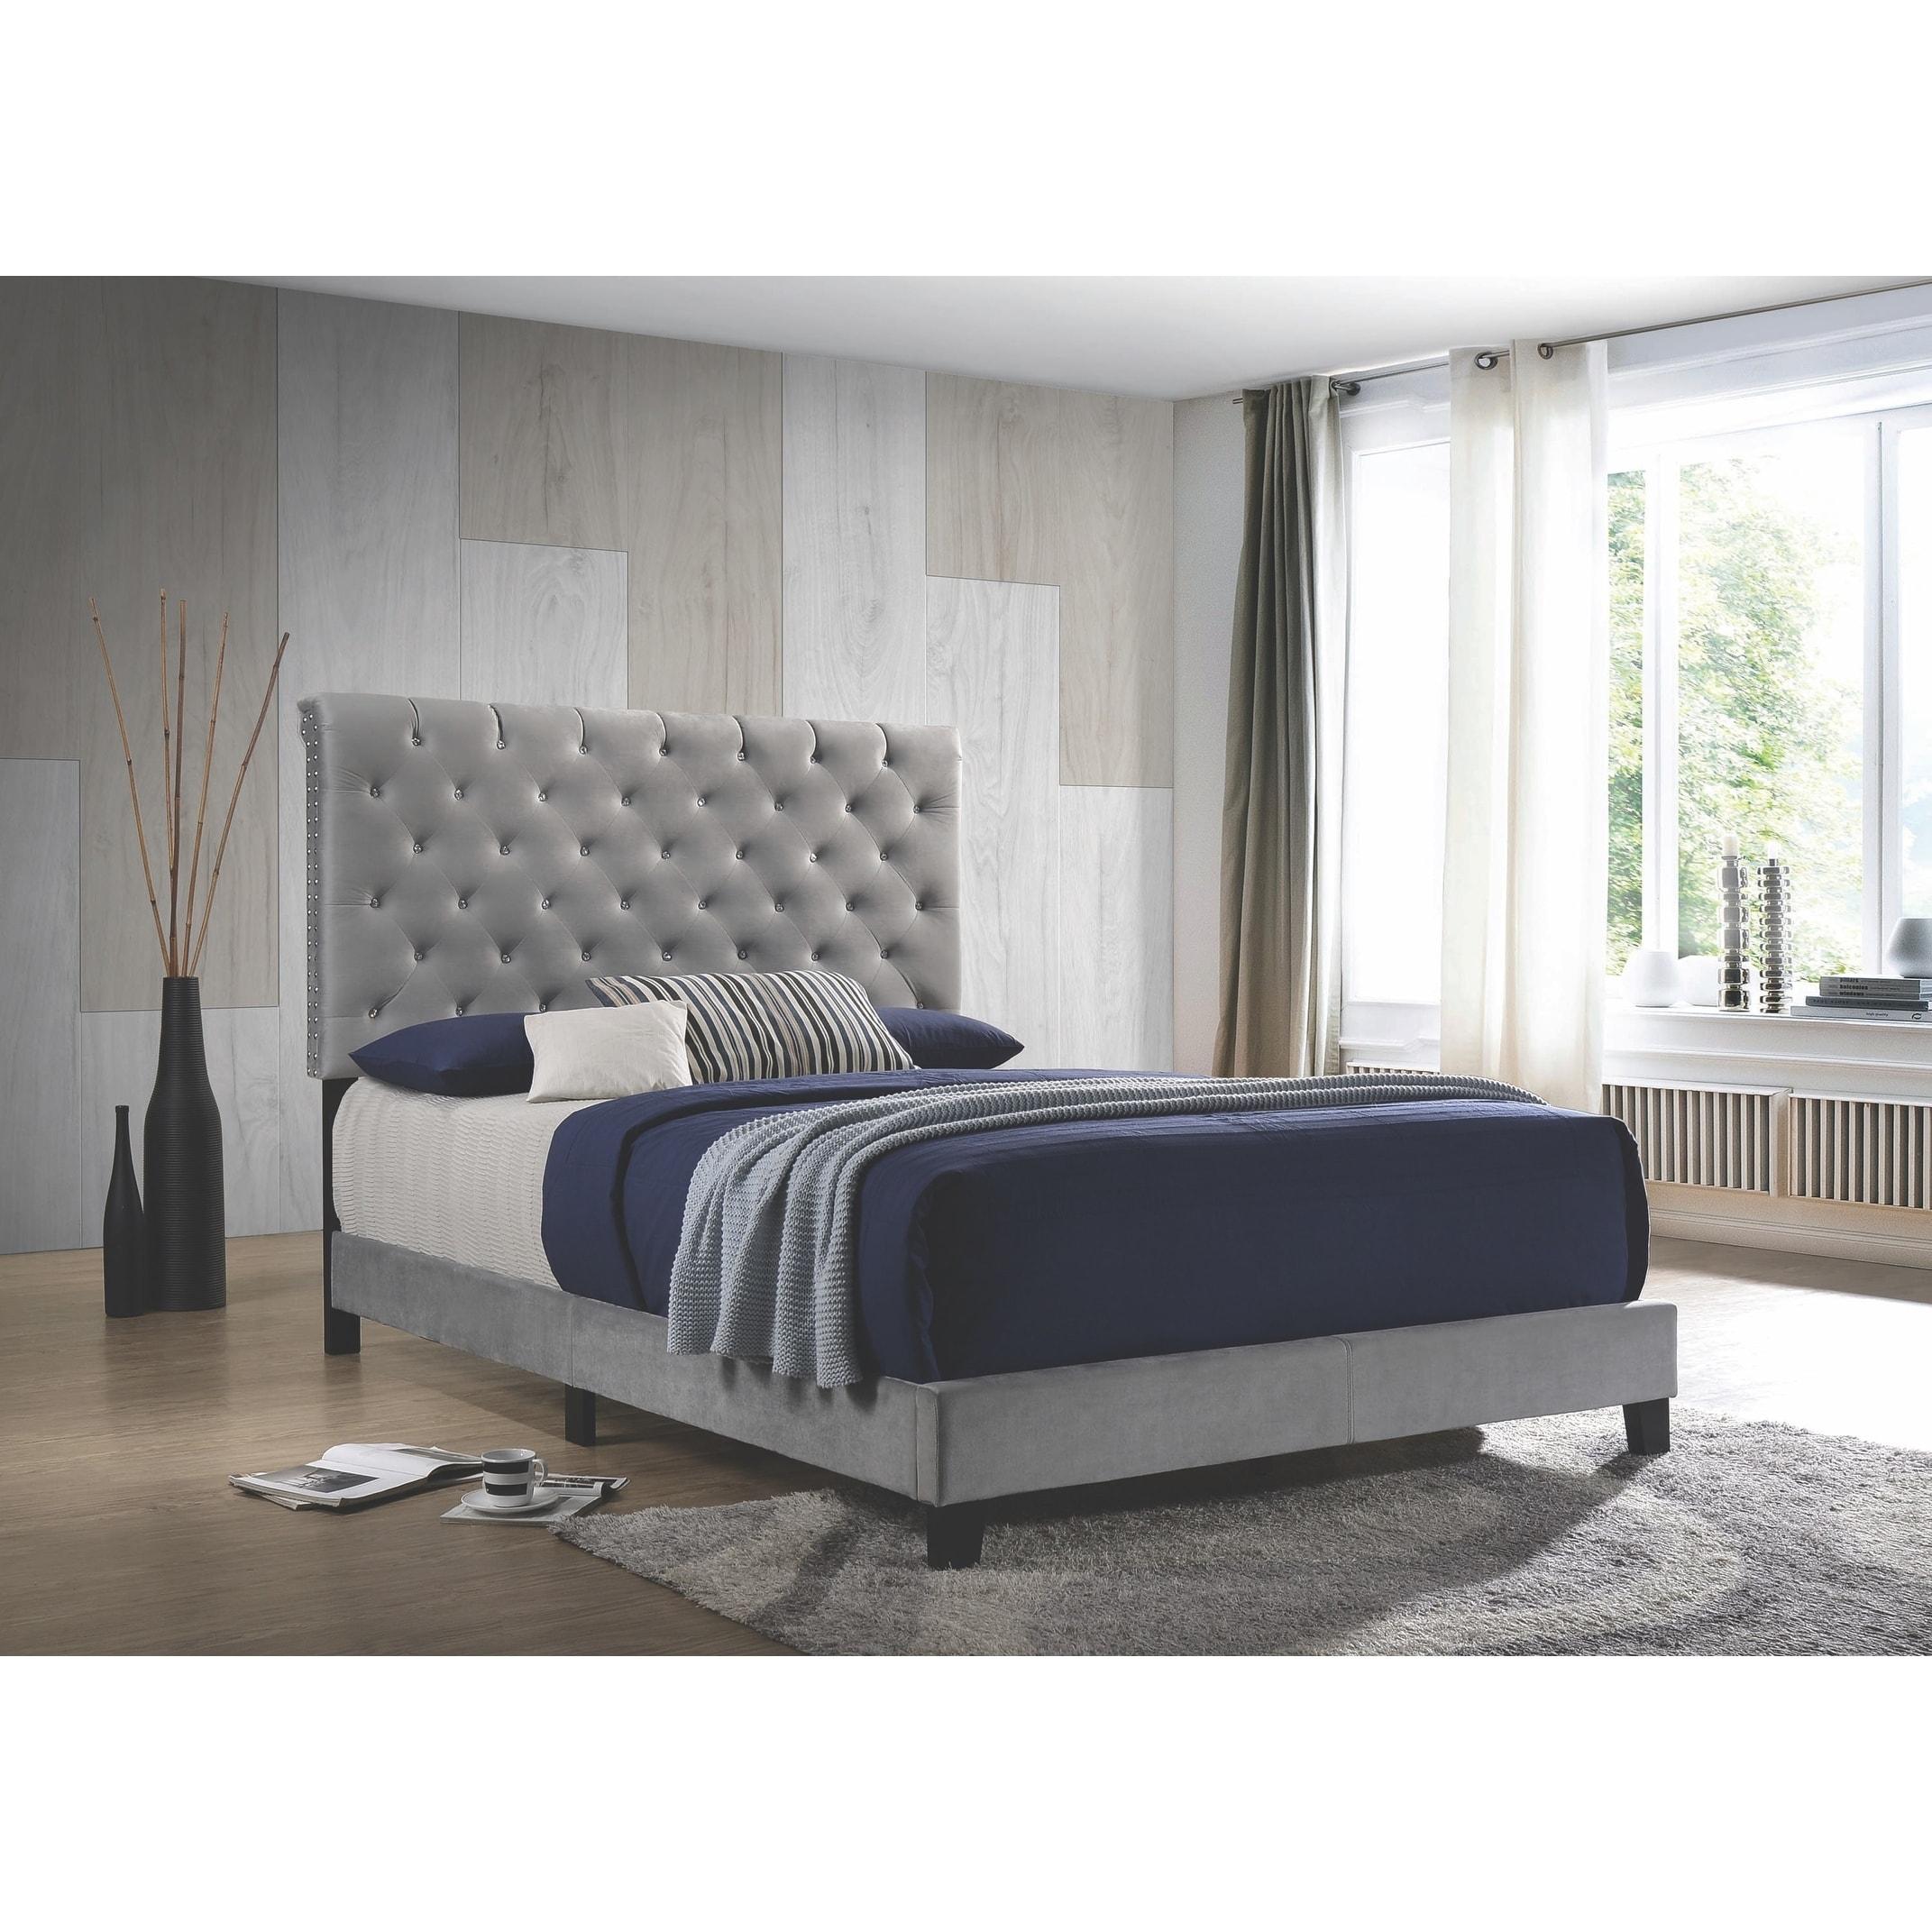 Modern Elegant Button Tufted Design Grey Velvet Upholstered Bed Overstock 28261939